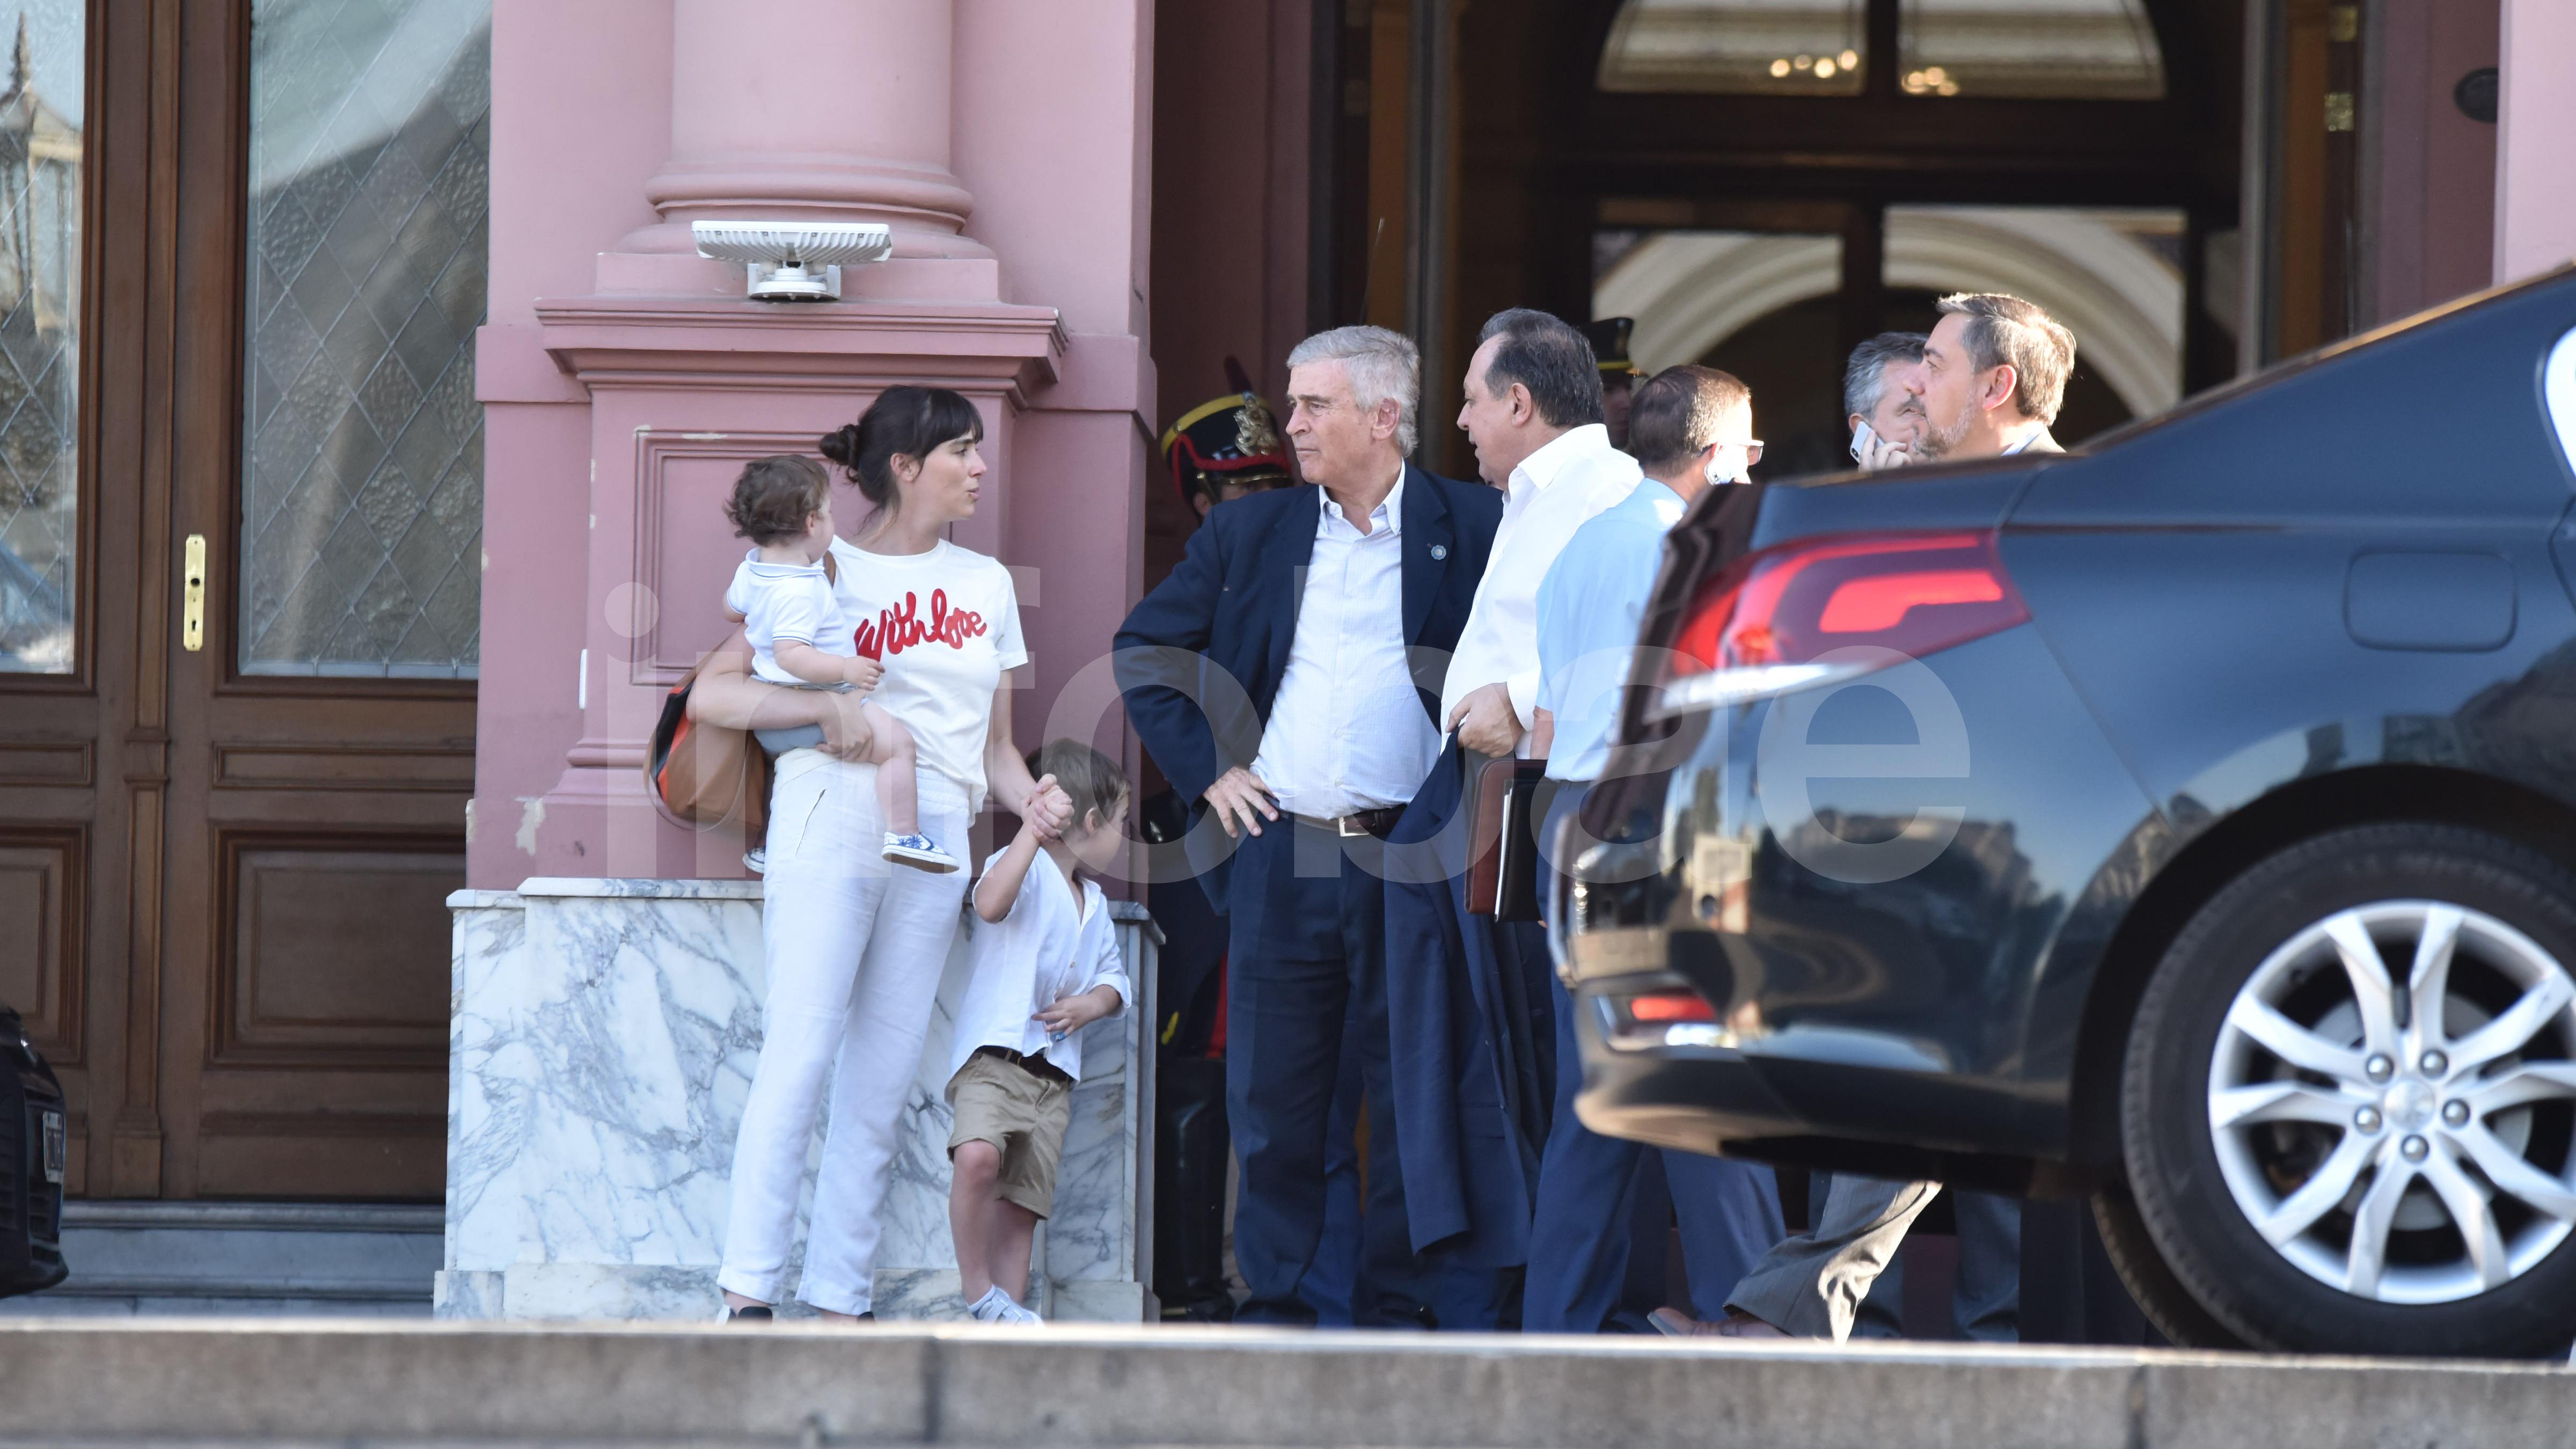 El ministro de Defensa Oscar Aguad presentó su renuncia junto al resto de los ministros. A pesar de que representa una mera formalidad, todas fueron aceptadas mediante un decreto presidencial